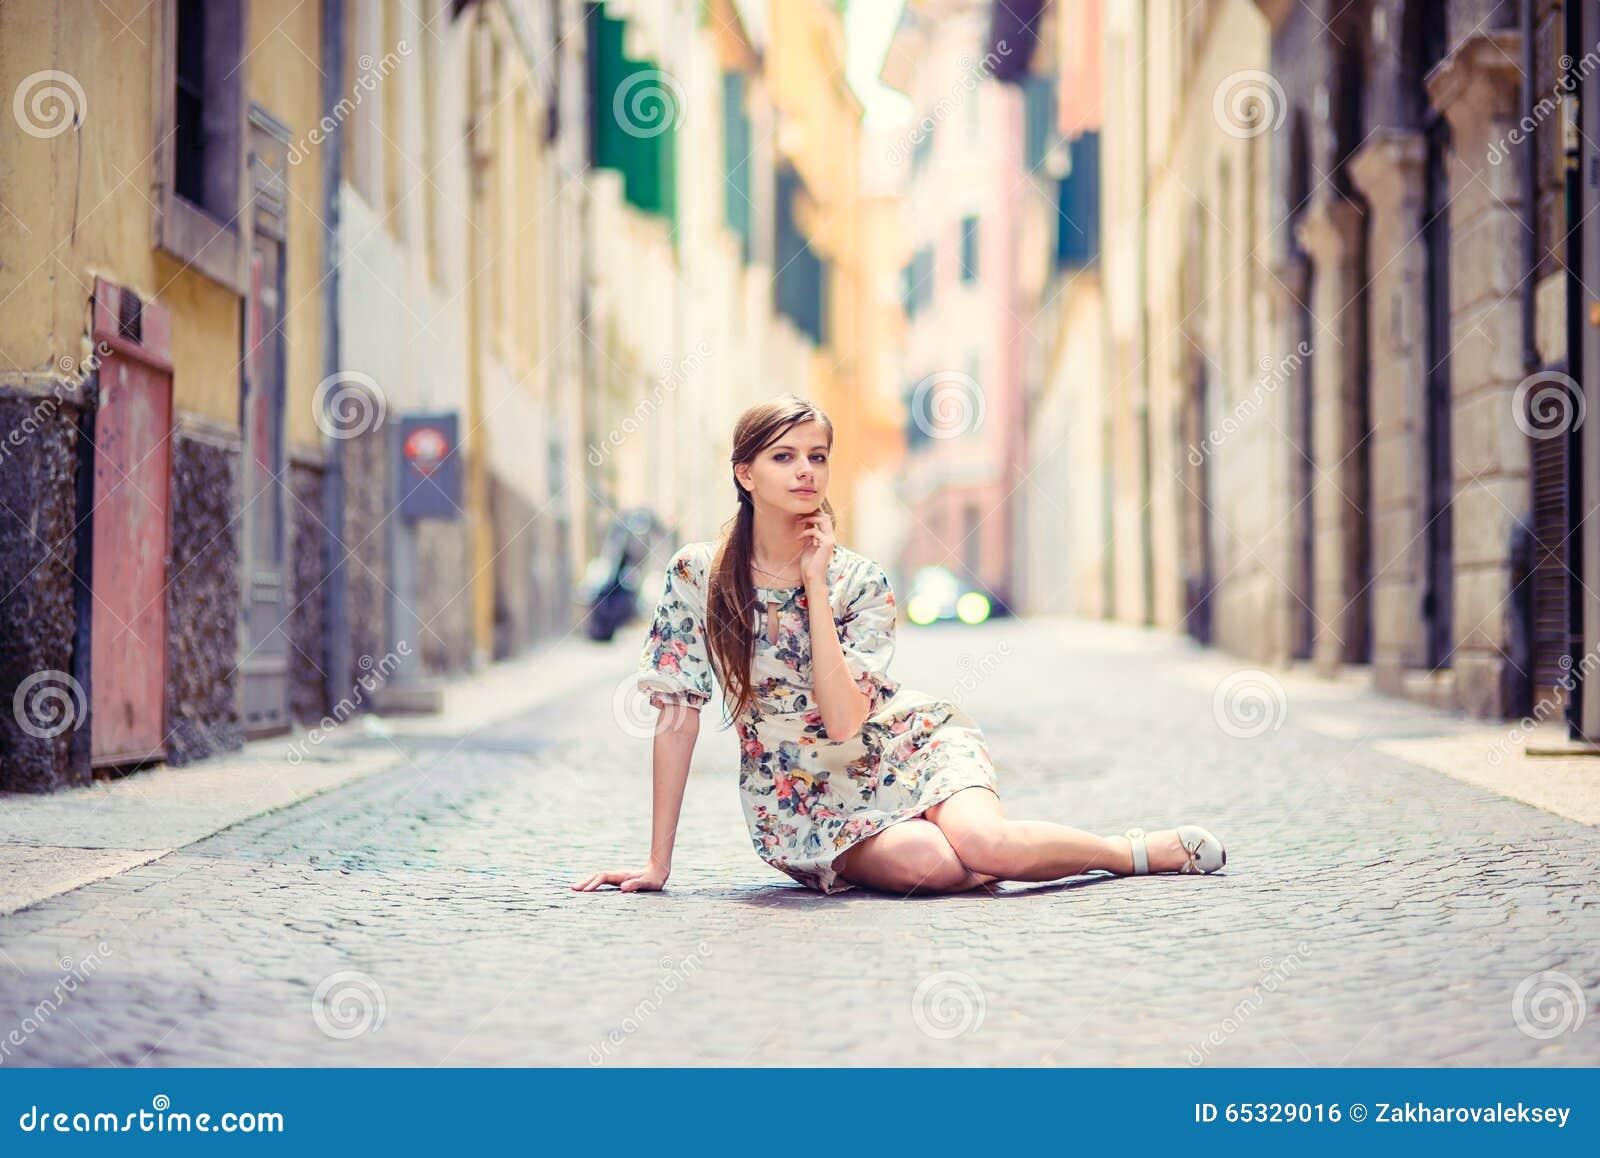 Mooie meisjeszitting op straat